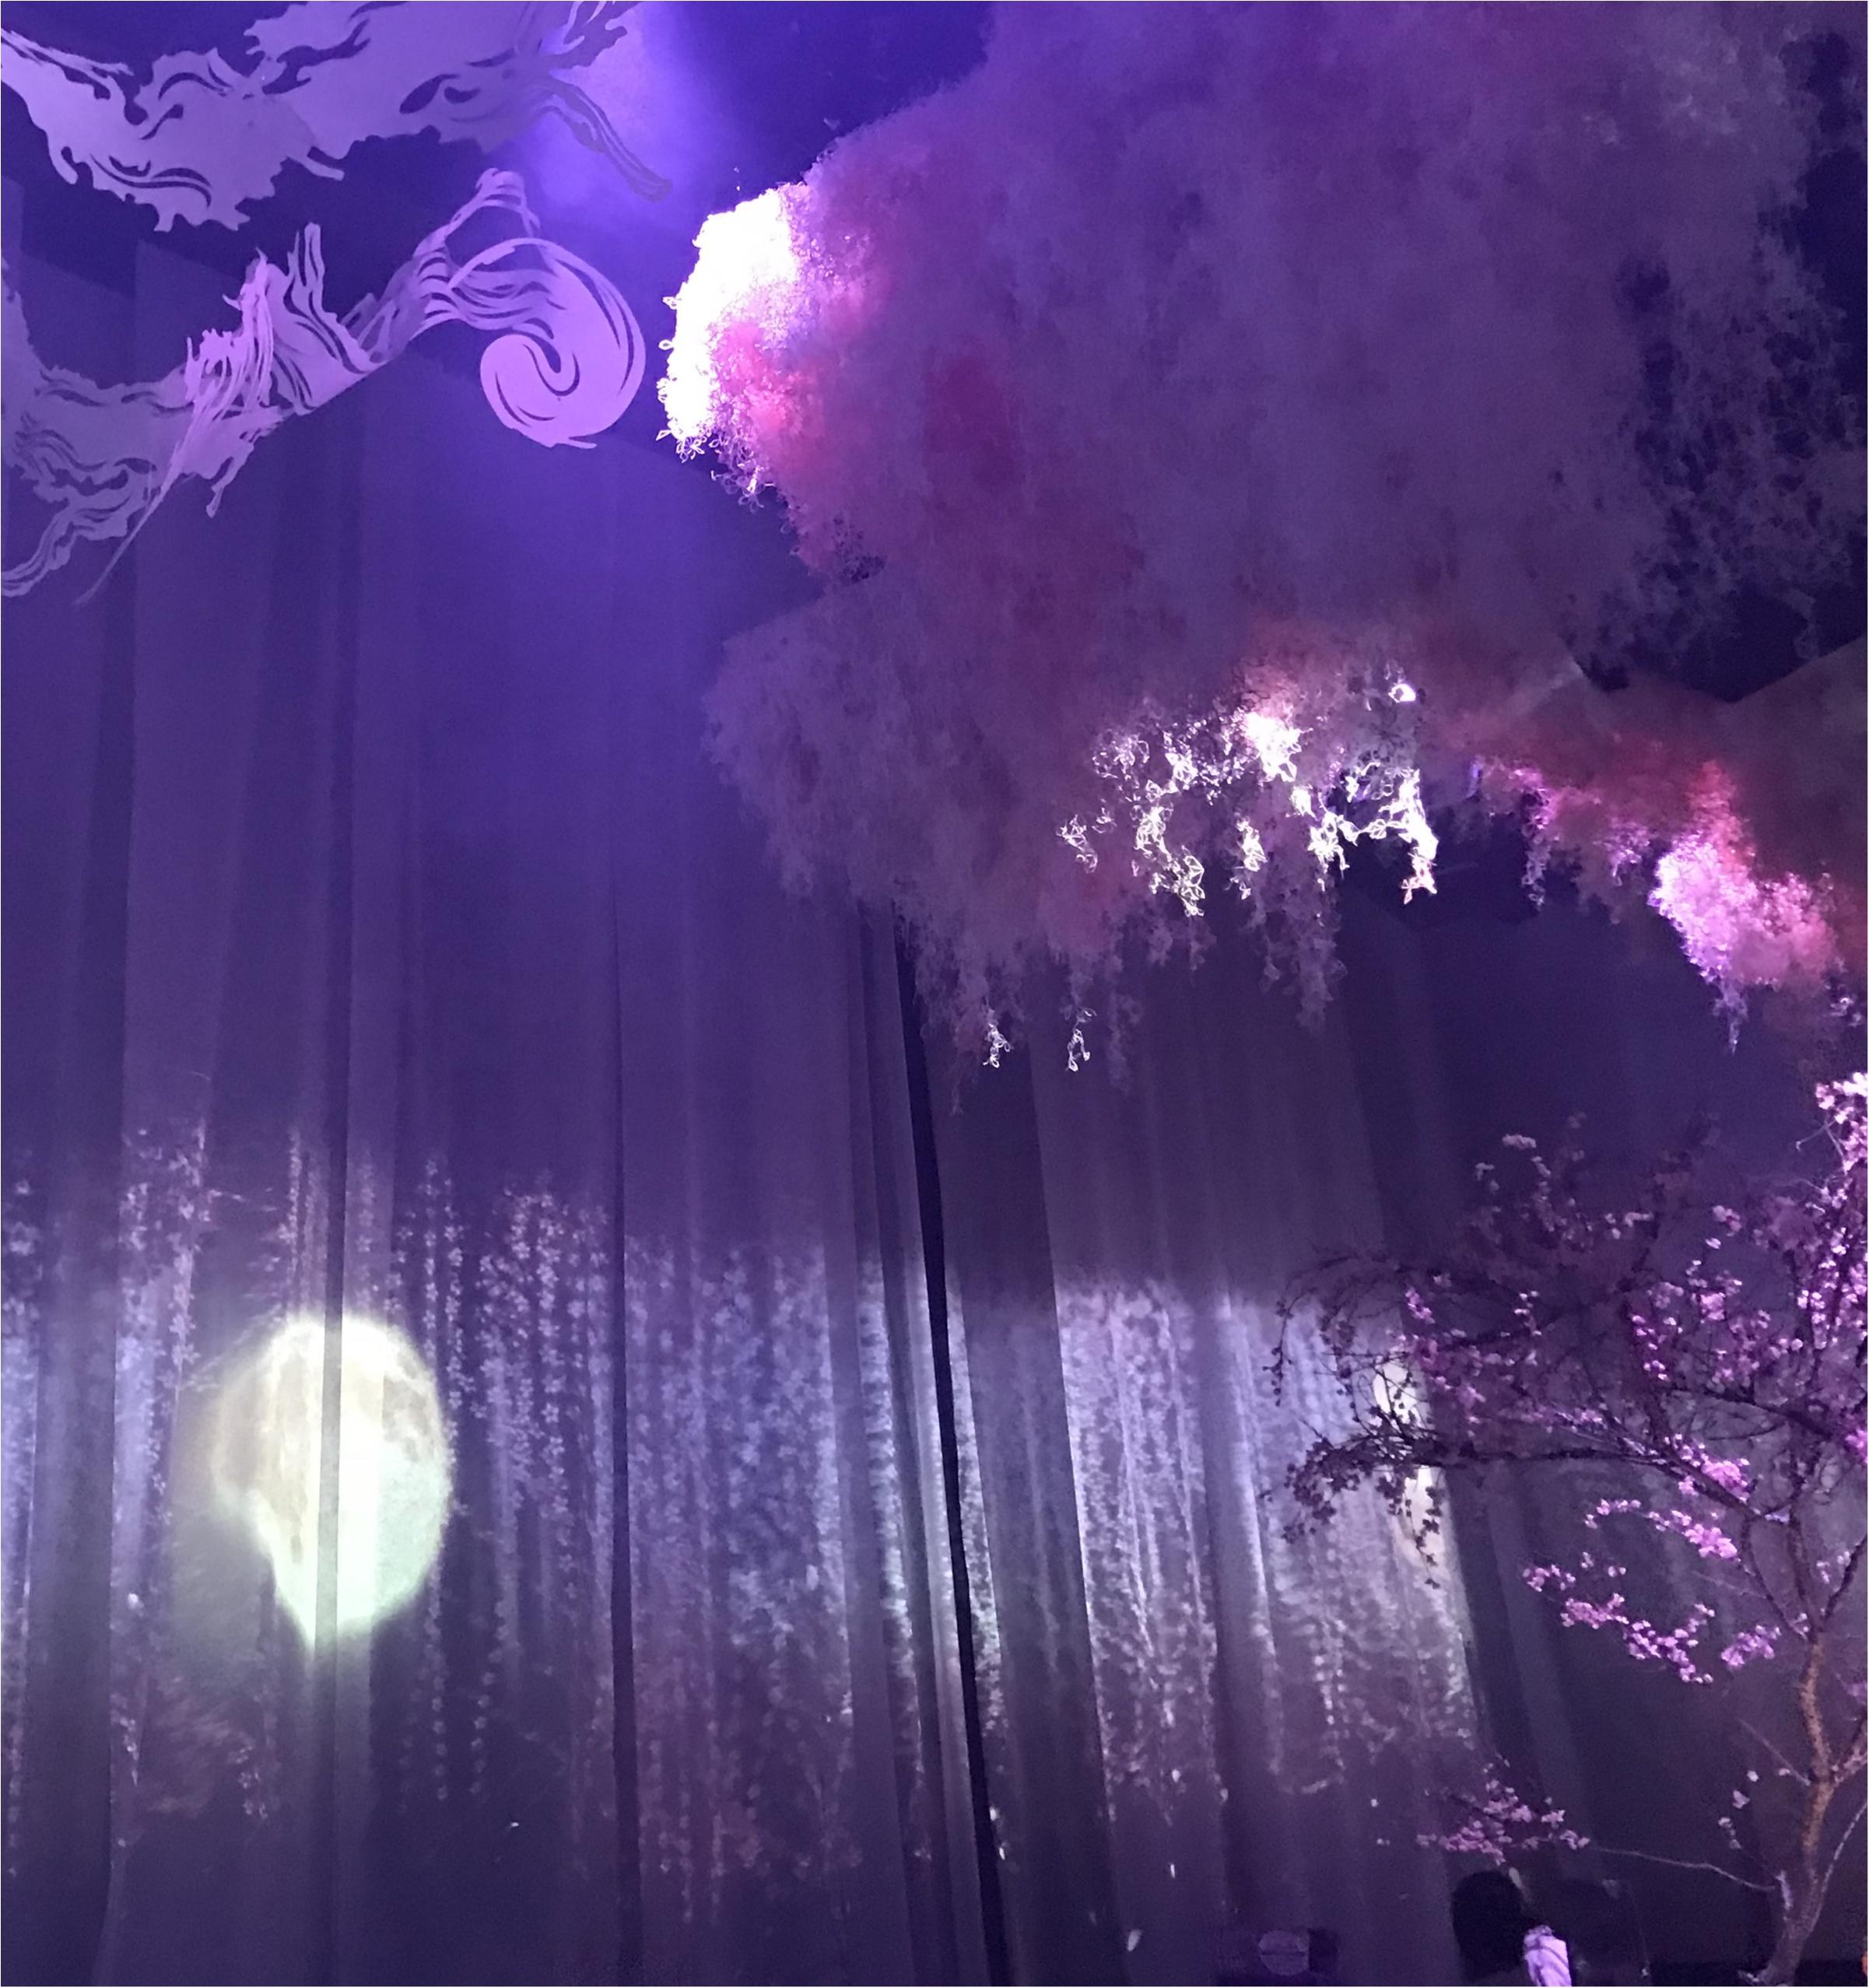 【Flower by NAKED】生花と映像のコラボ♡ フォトジェニックな秋に咲く桜を見てきました♡_5